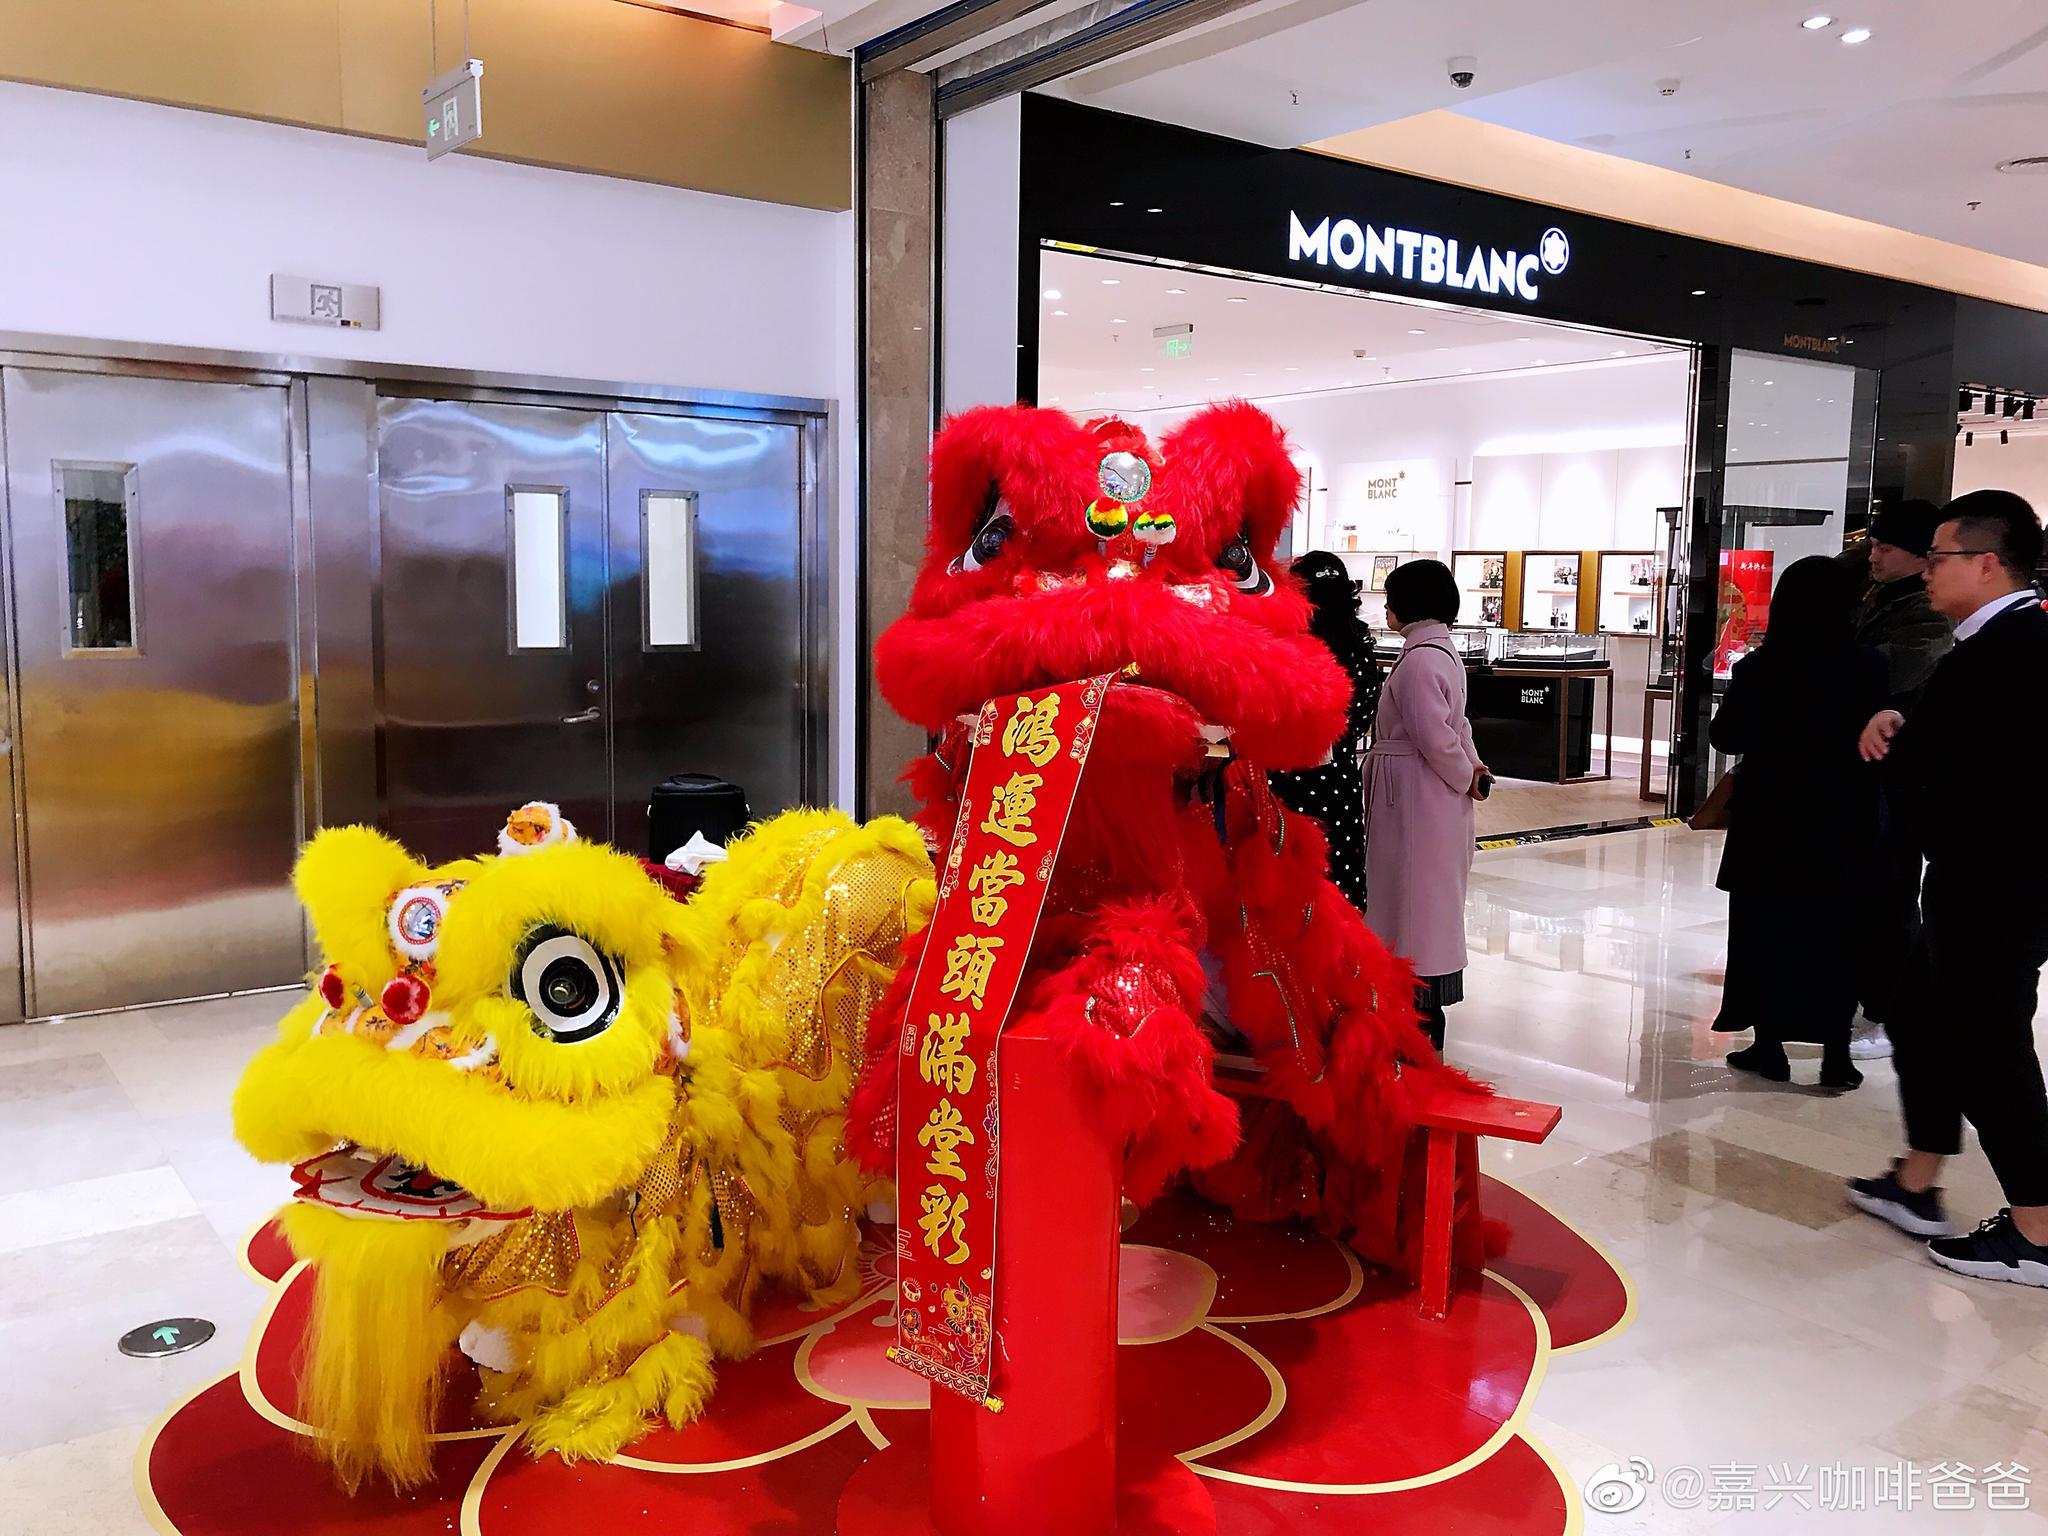 禾城首店,嘉兴八佰伴一楼万宝龙精品店隆重开业。